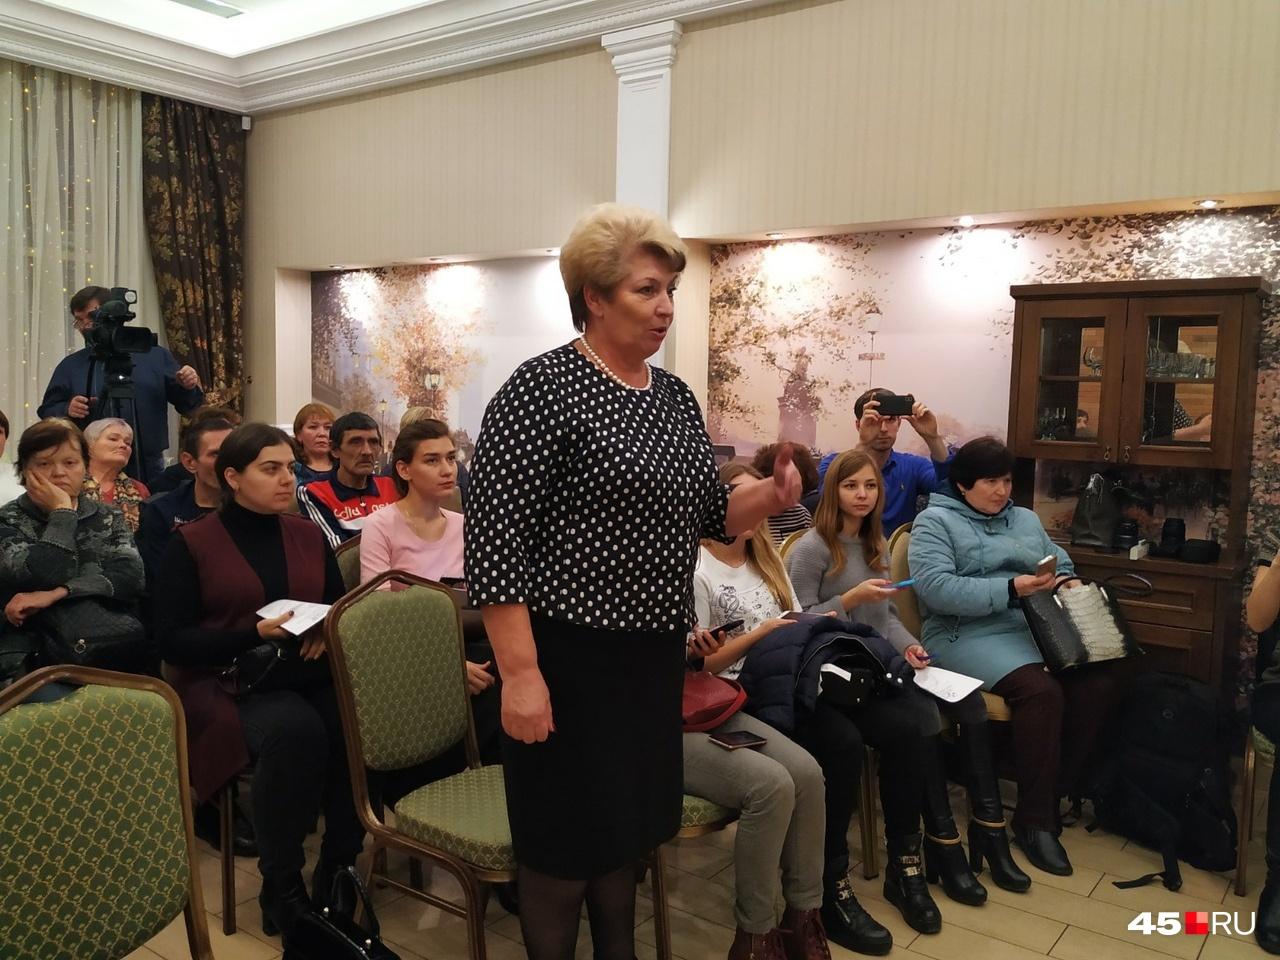 Замгубернатора по социальной политике Татьяна Меньщикова оказалась одна против всех